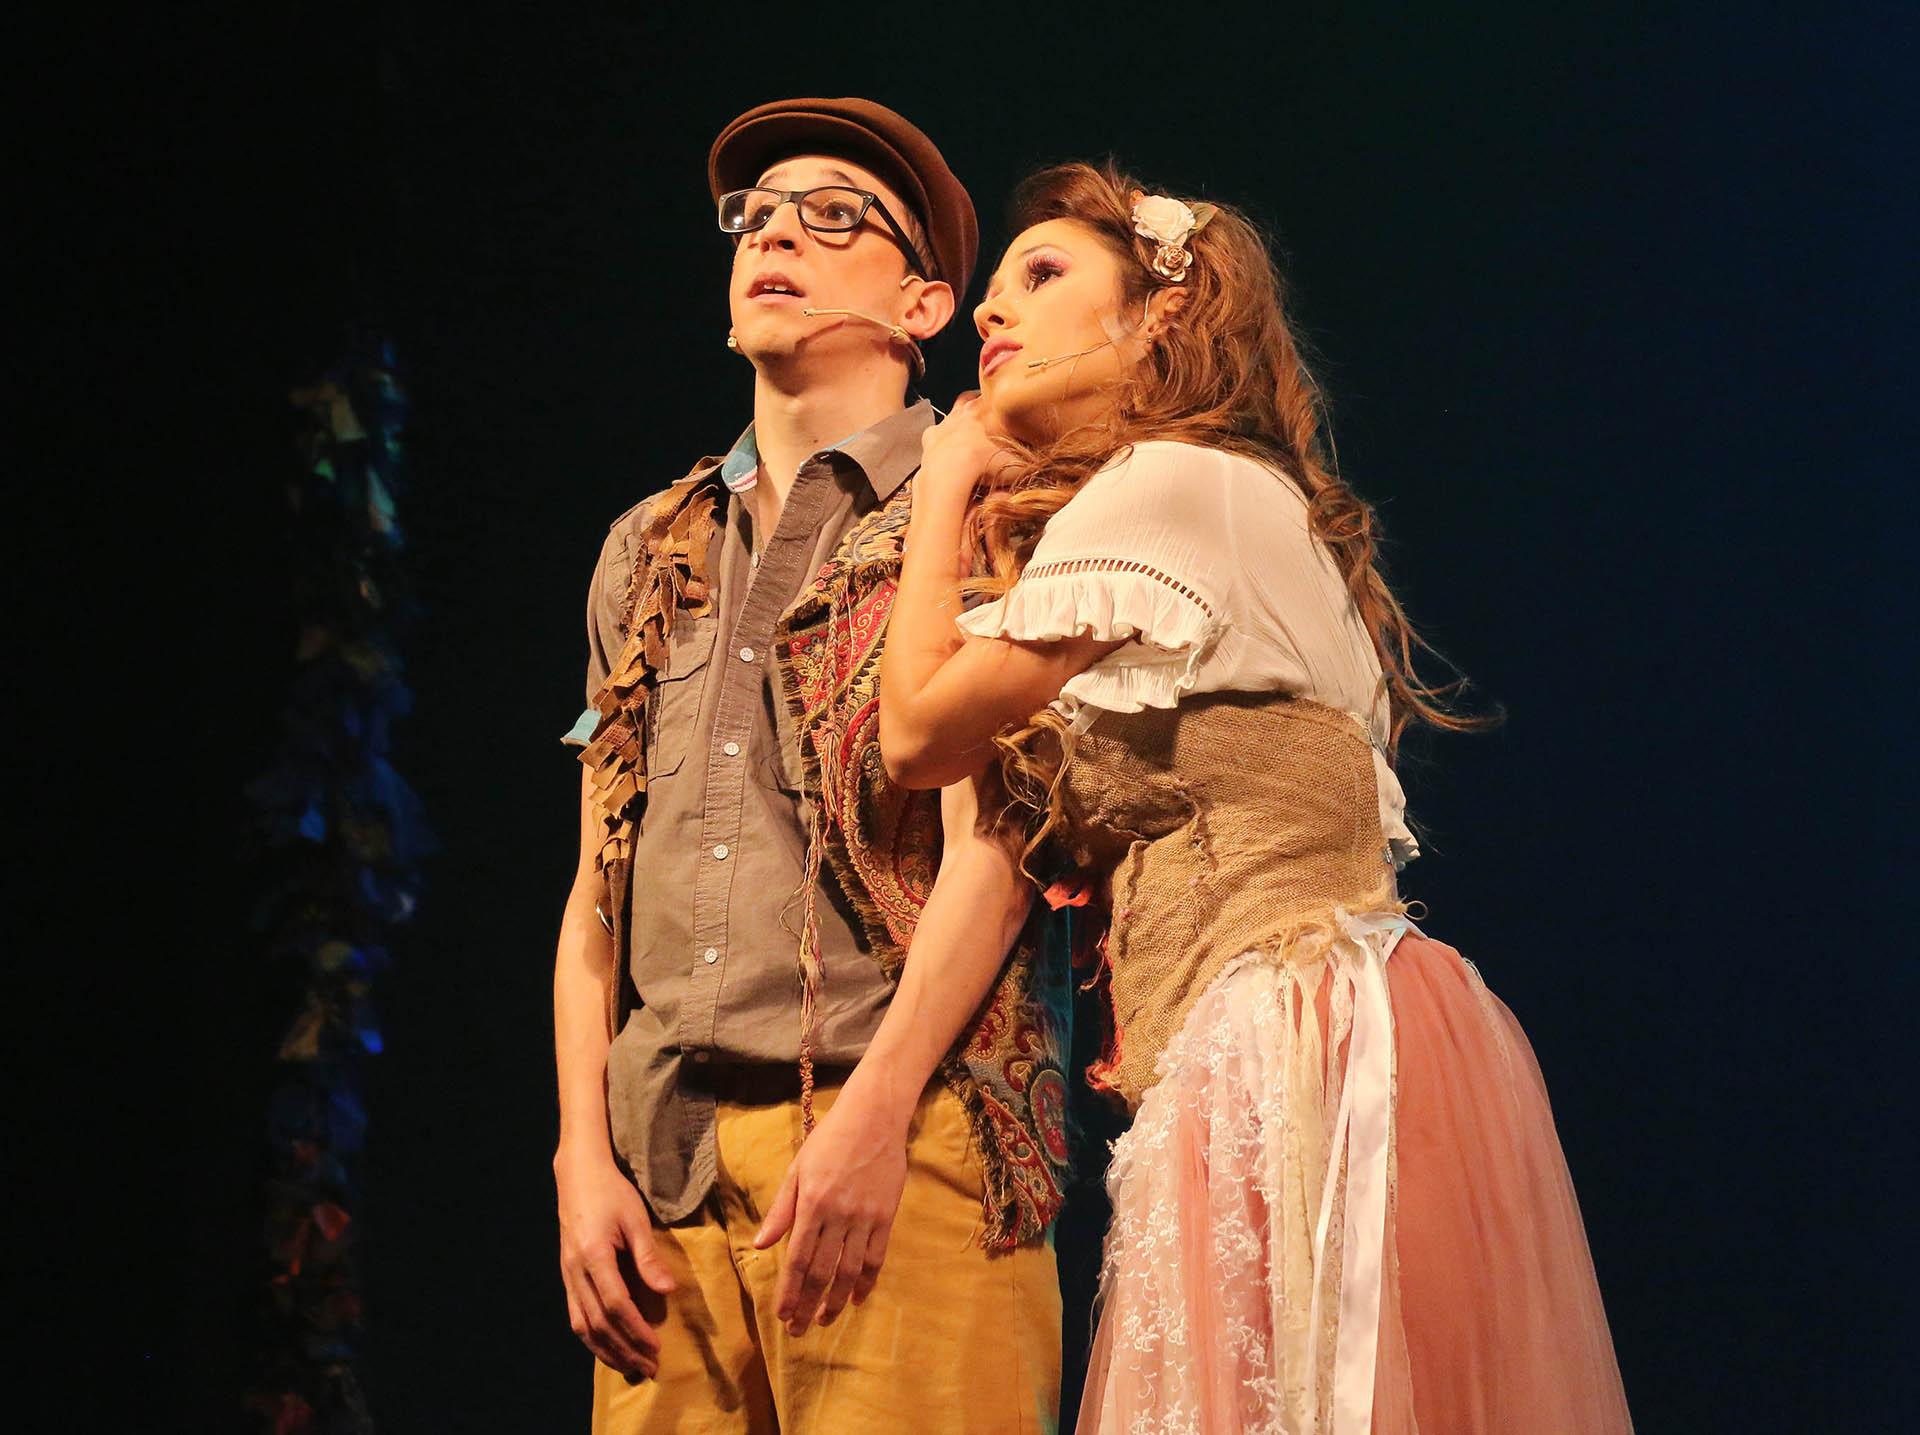 """Rodrigo Noya y Barby Silenzi protagonizan """"El mundo de Hansel y Gretel"""" en el teatro Regina(Veronica Guerman / Teleshow)"""